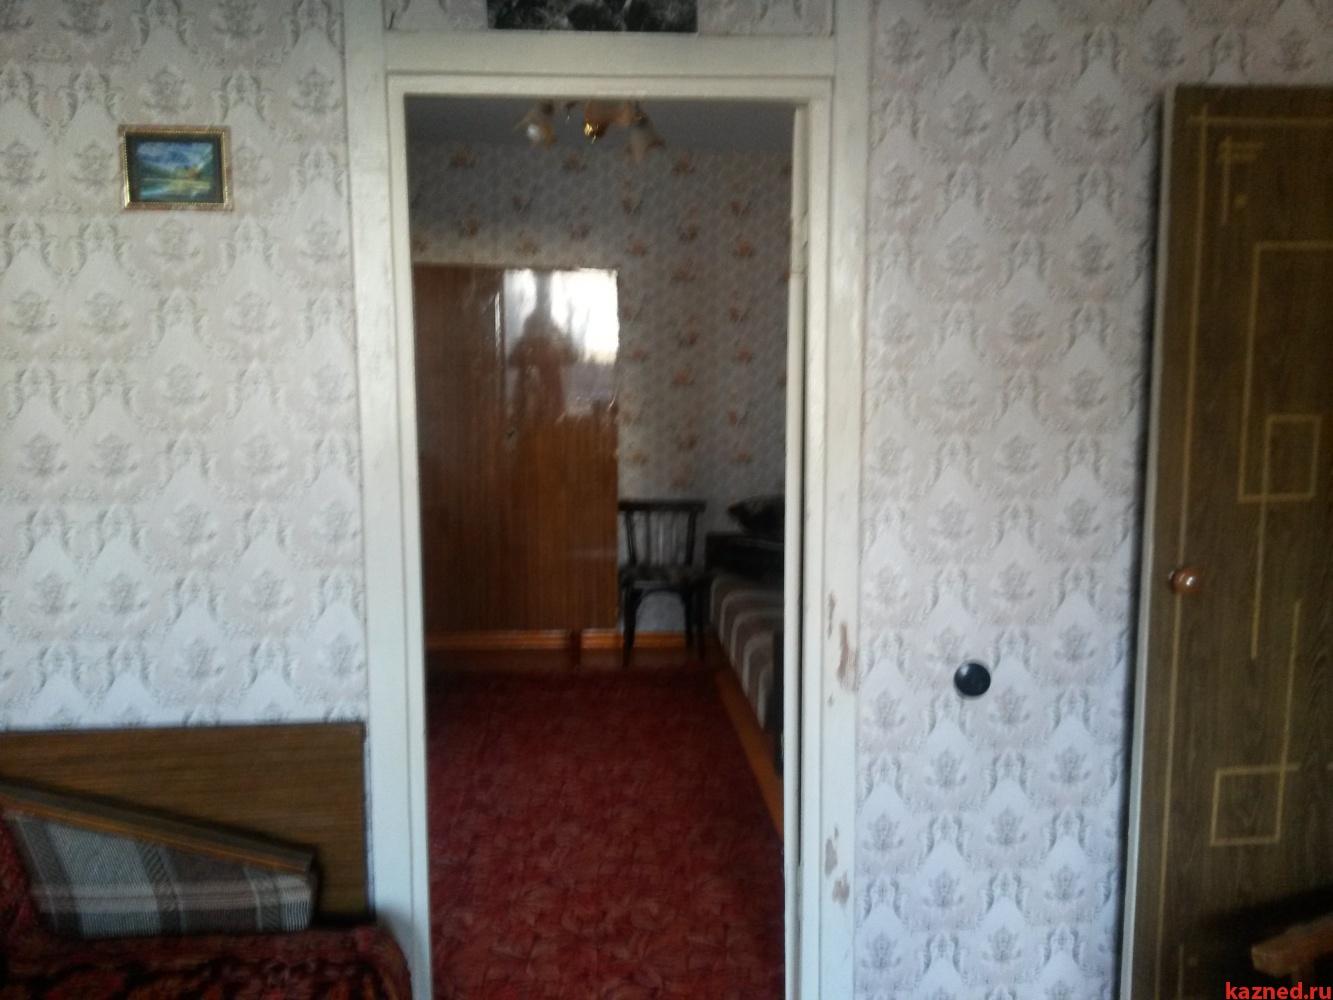 Продажа 2-к квартиры ул.Х.Мавлютова, 30, 38 м² (миниатюра №2)